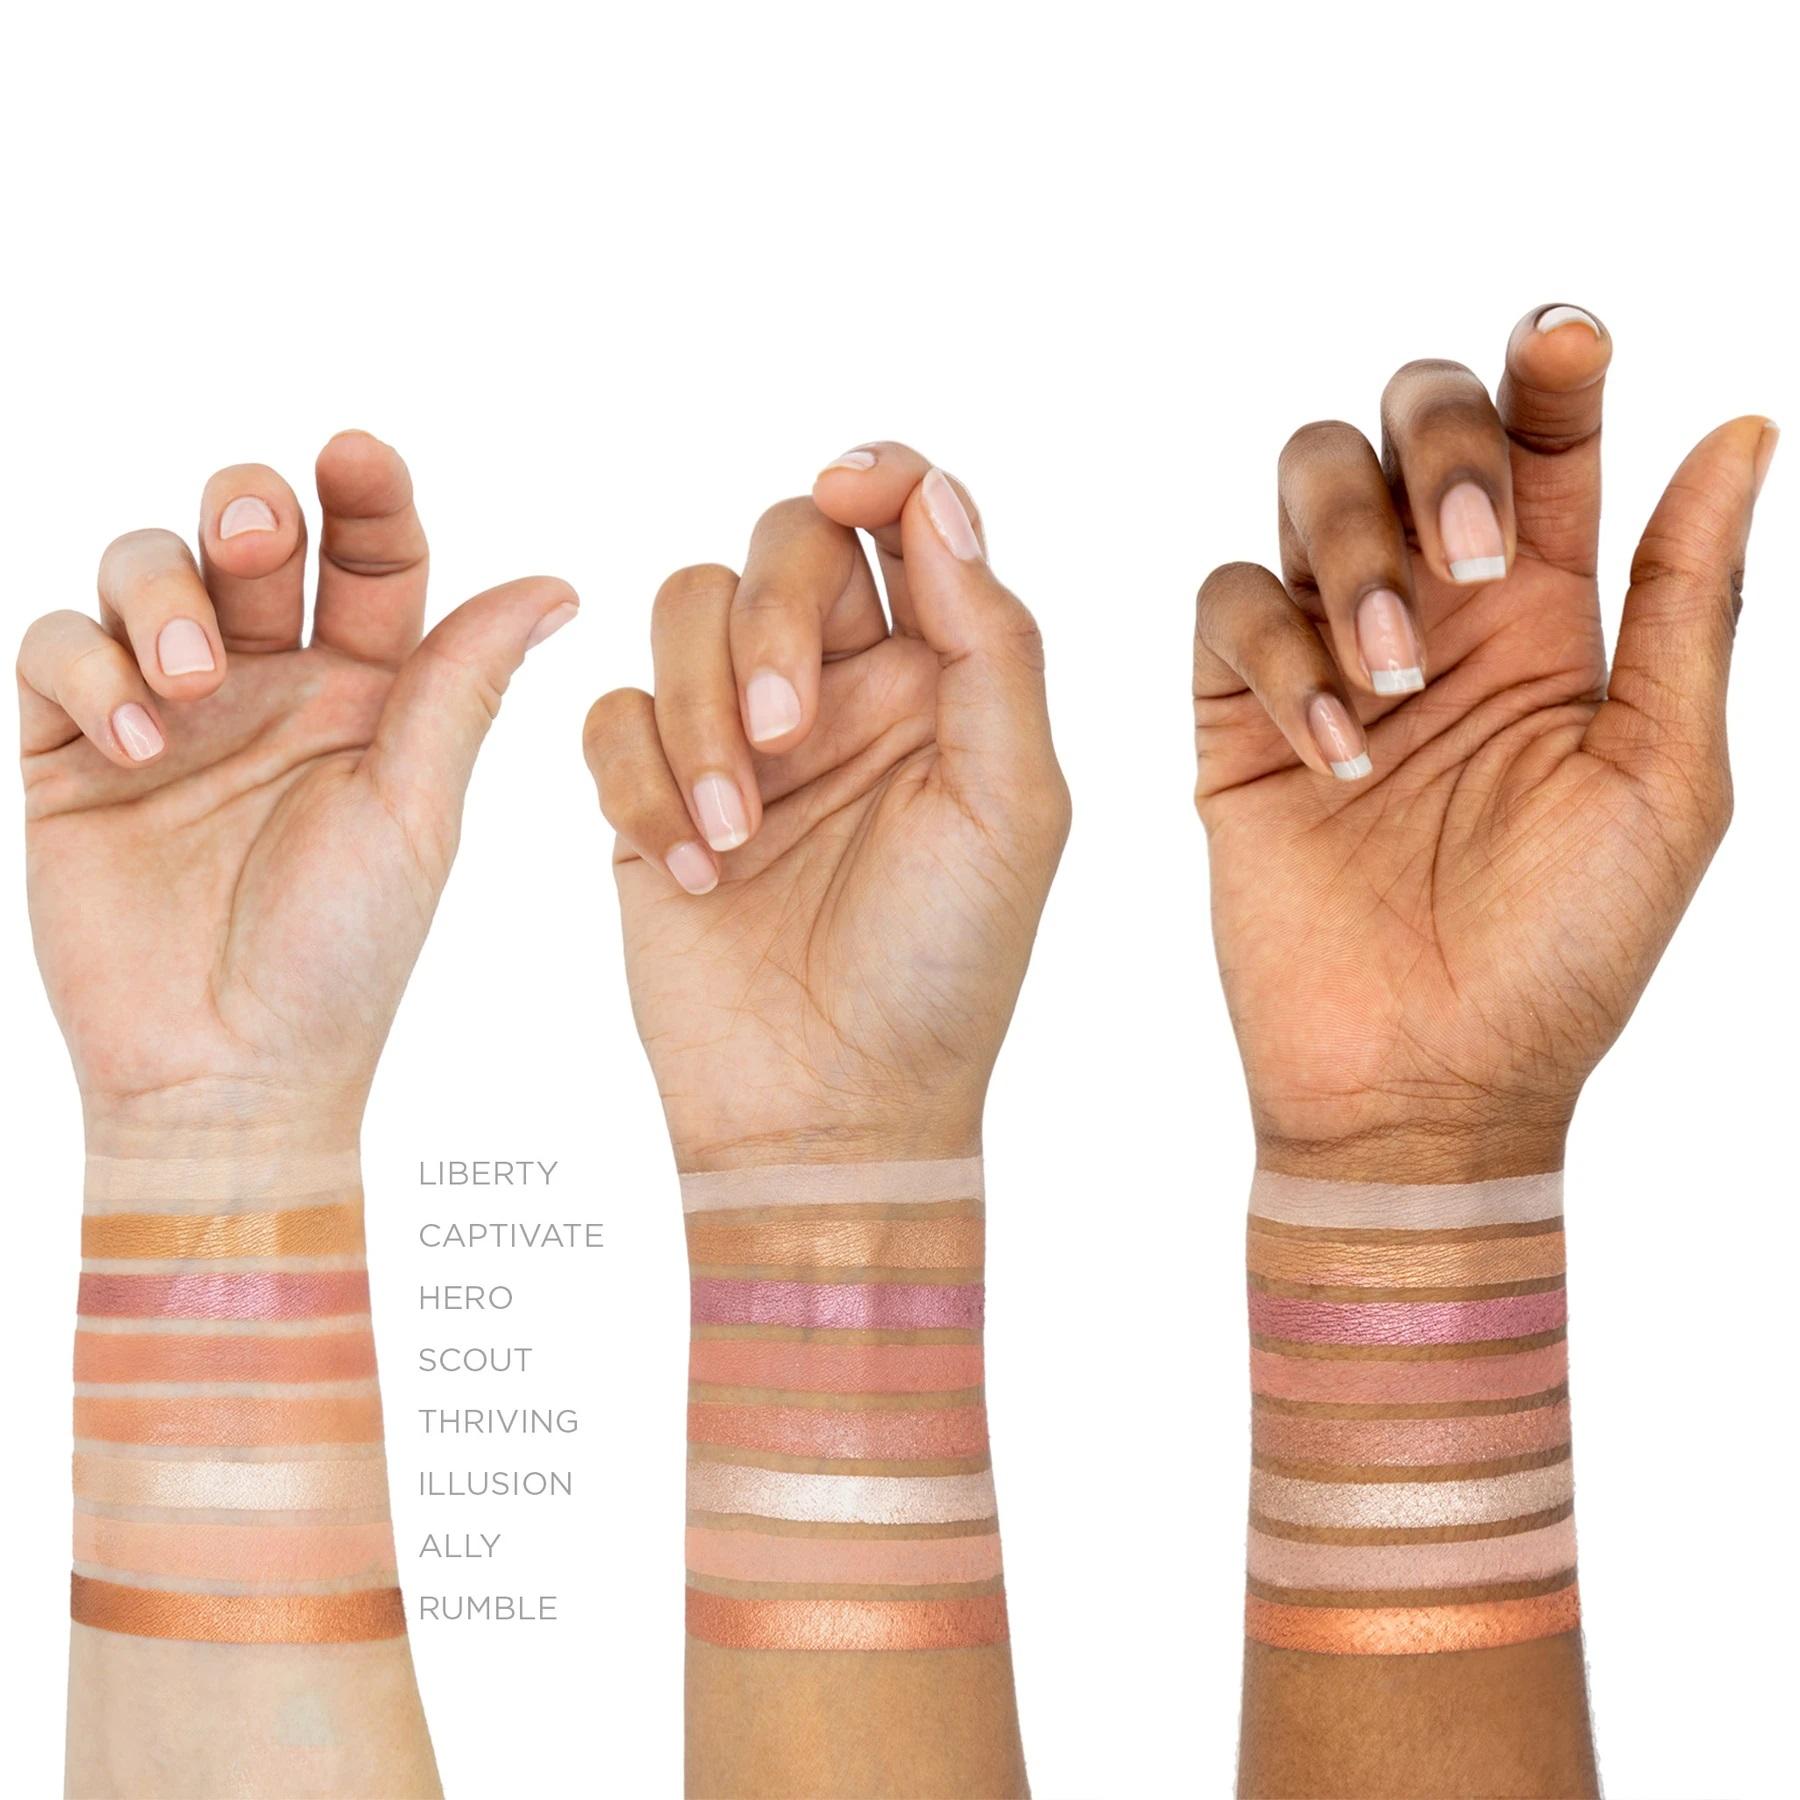 Stila Nobility Eye Shadow Palette